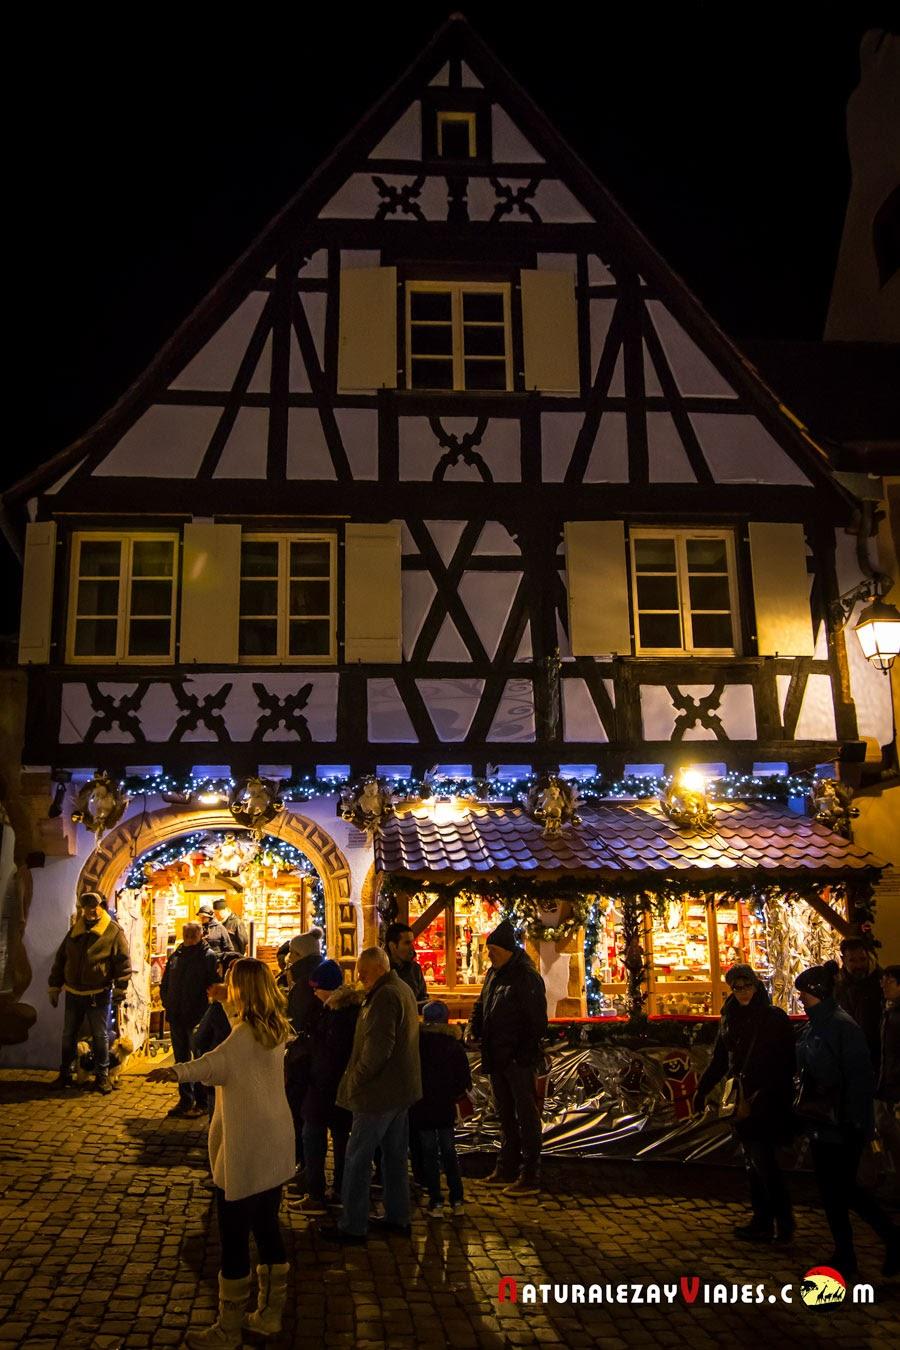 Mercado de Navidad de Riquevihr, Alsacia